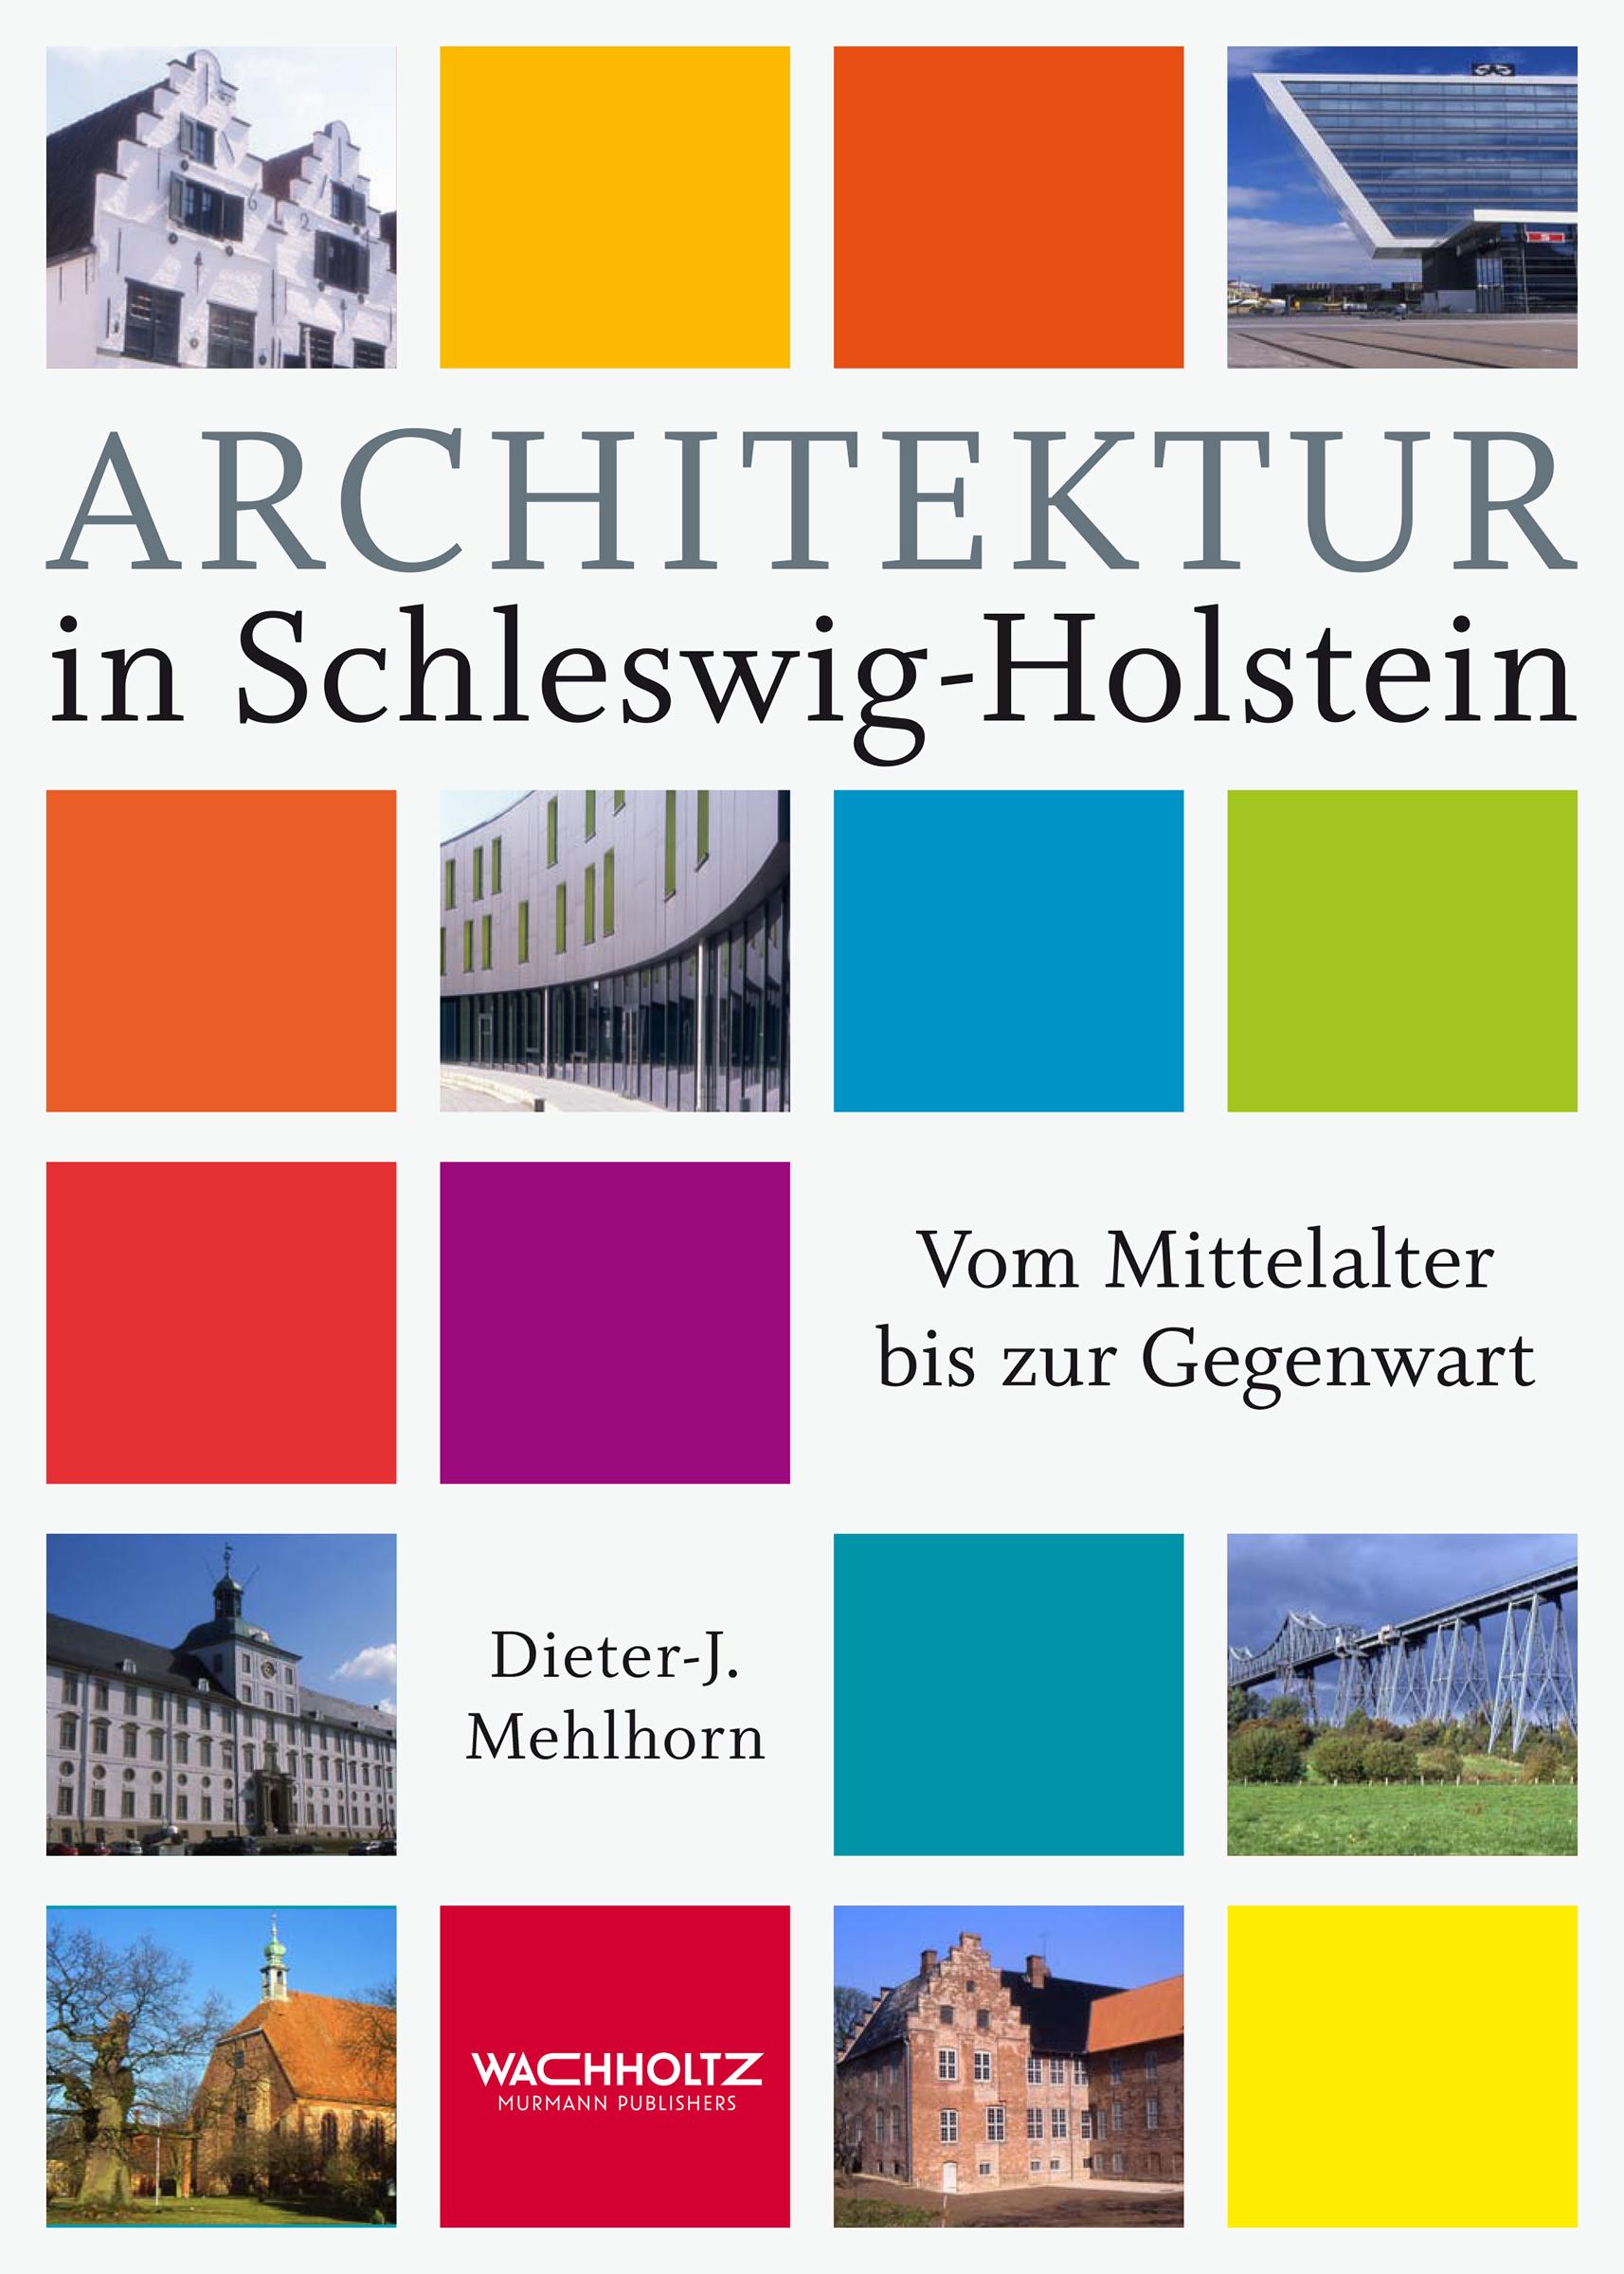 Architektur-in-Schleswig-Holstein-Dieter-J-Mehlhorn